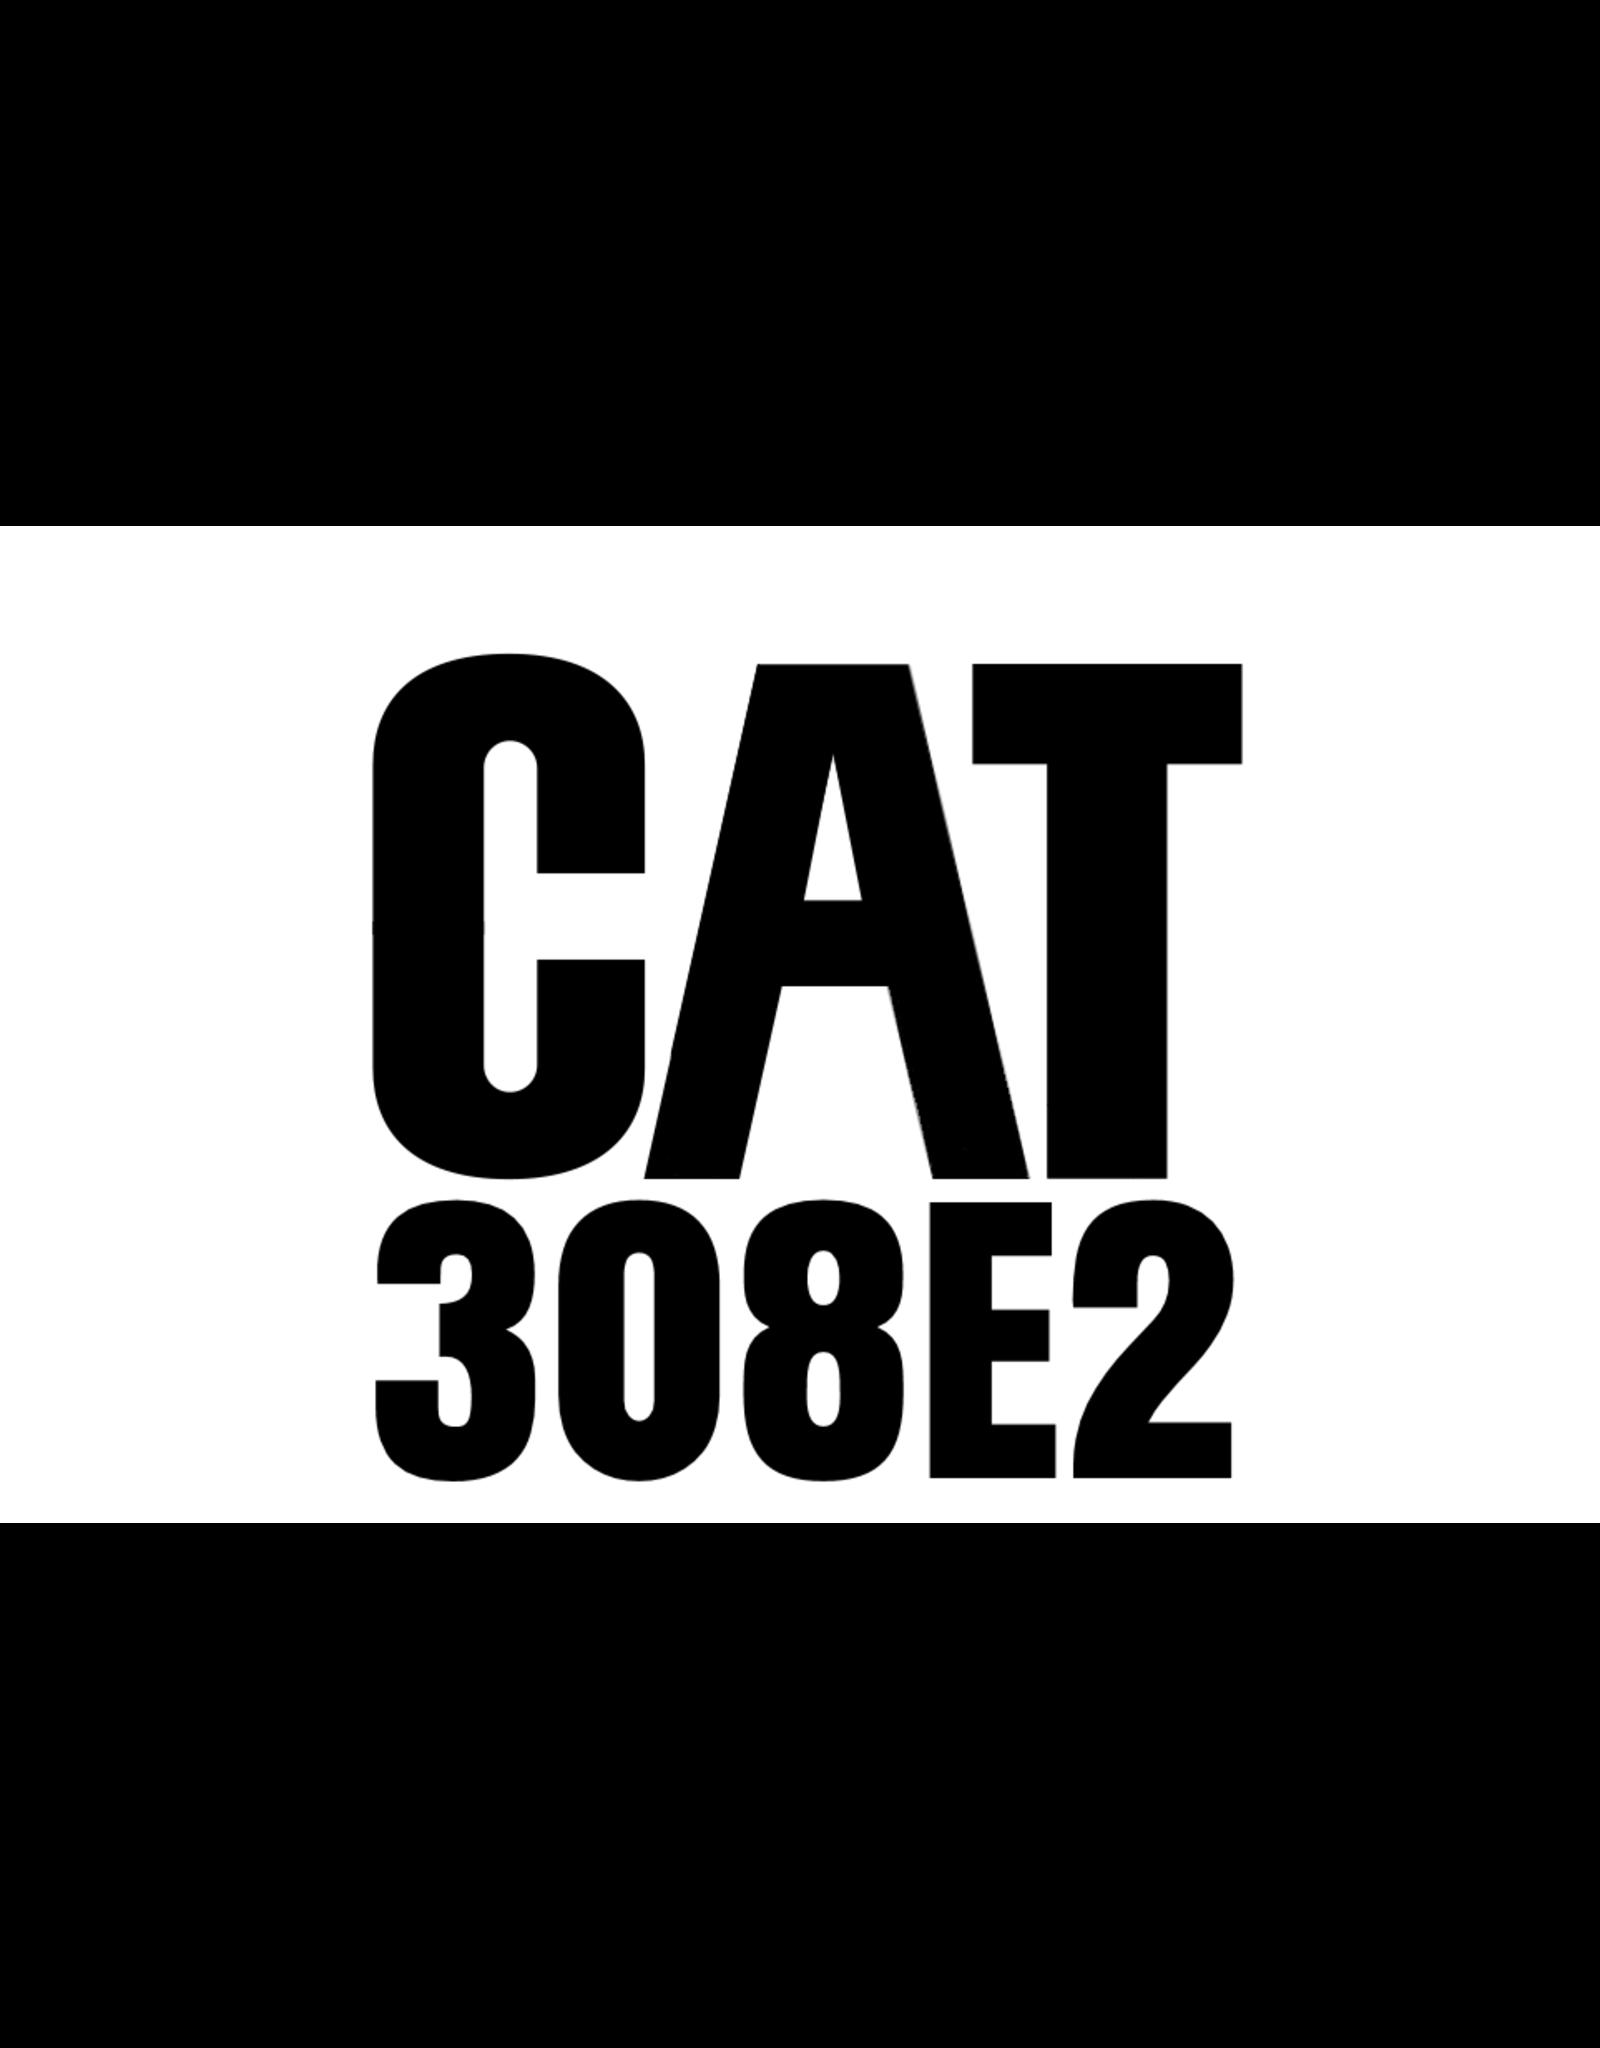 Echle Hartstahl GmbH FOPS for CAT 308E2